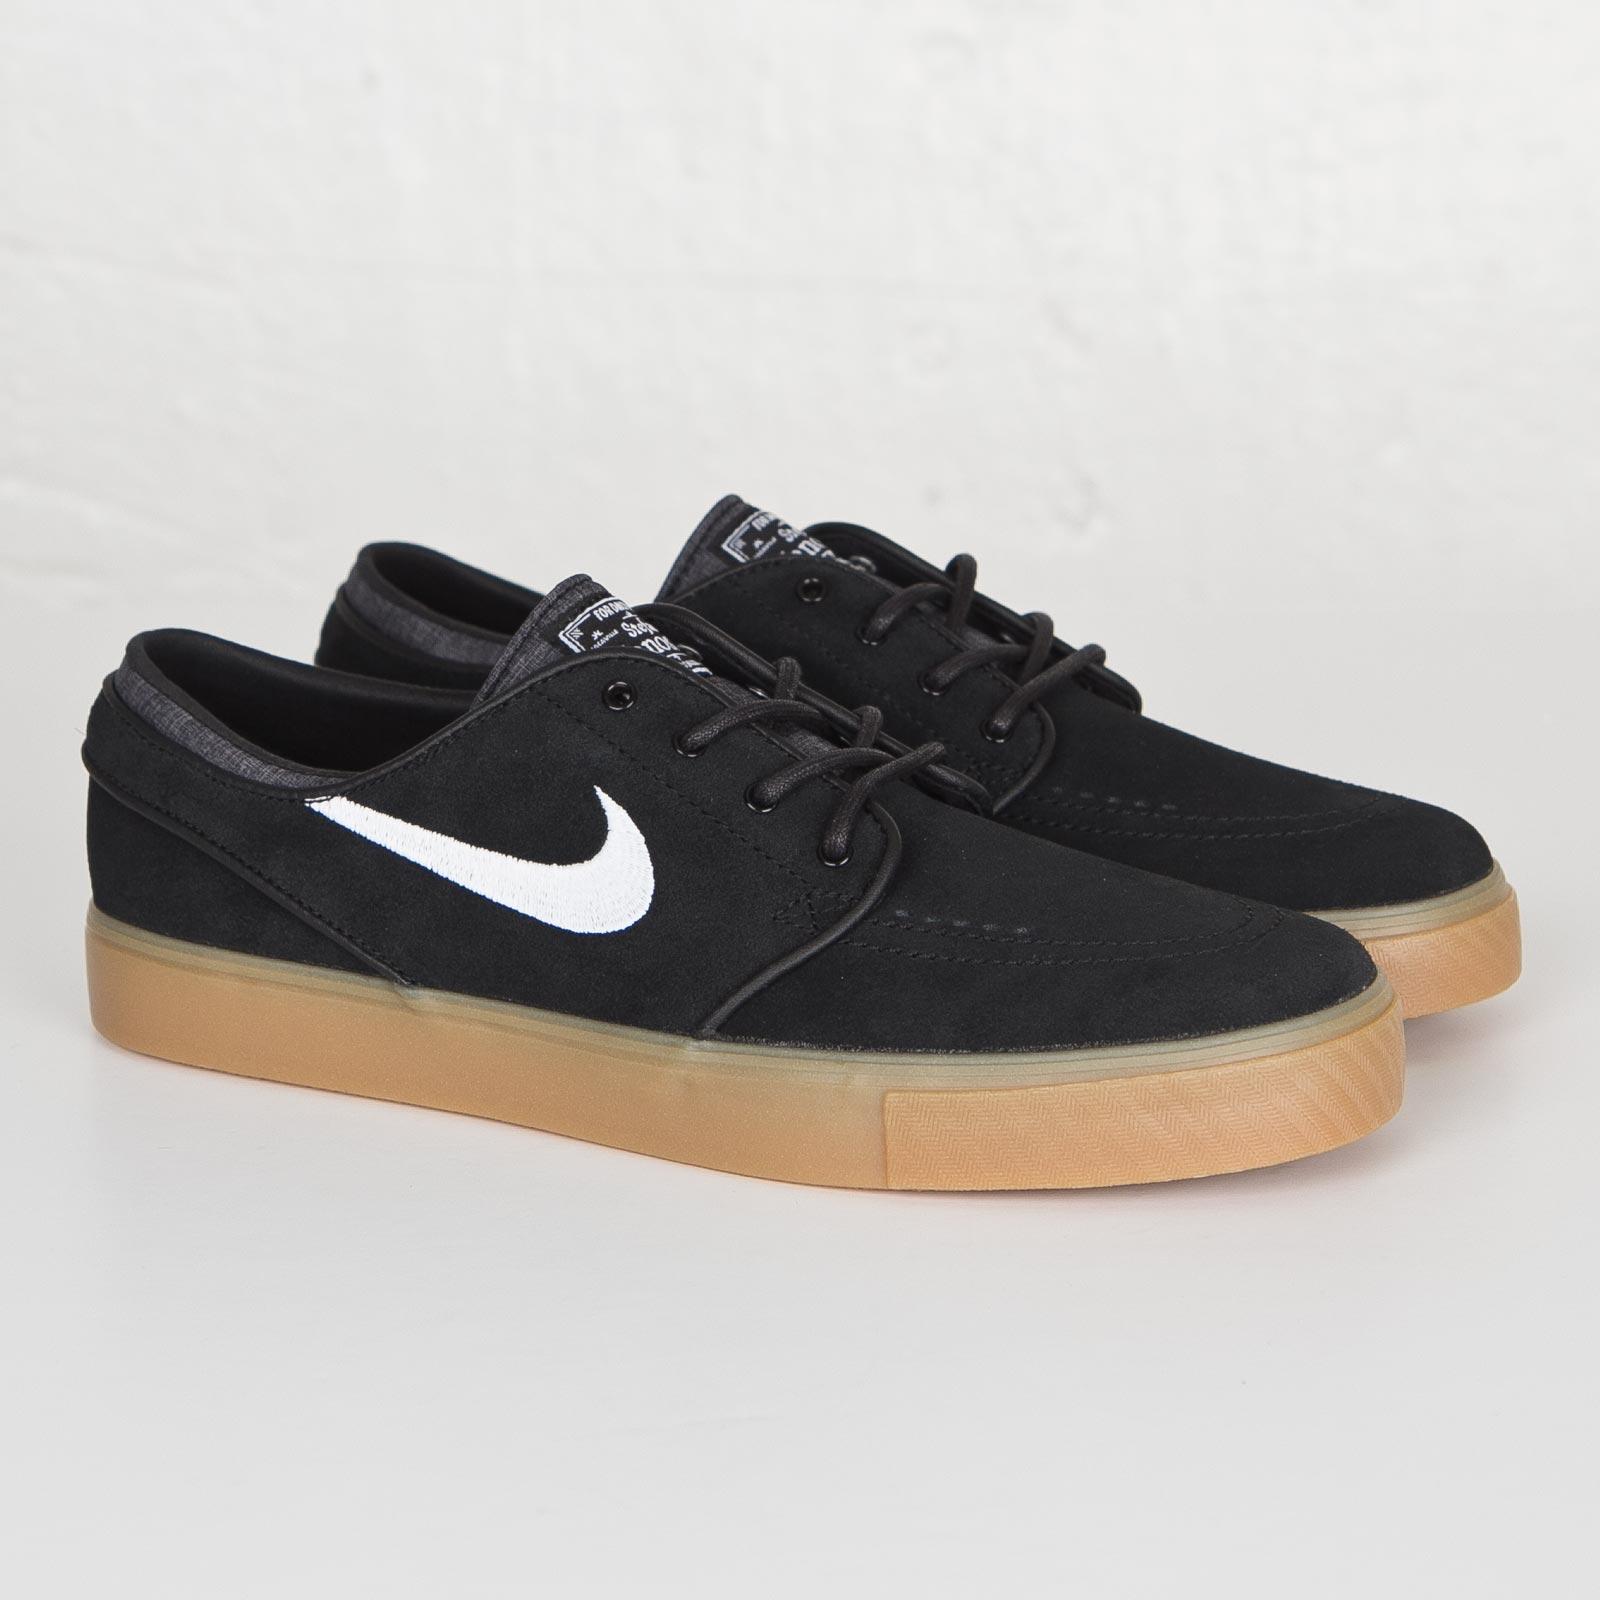 700c8a28bb35 Nike Zoom Stefan Janoski - 333824-021 - Sneakersnstuff